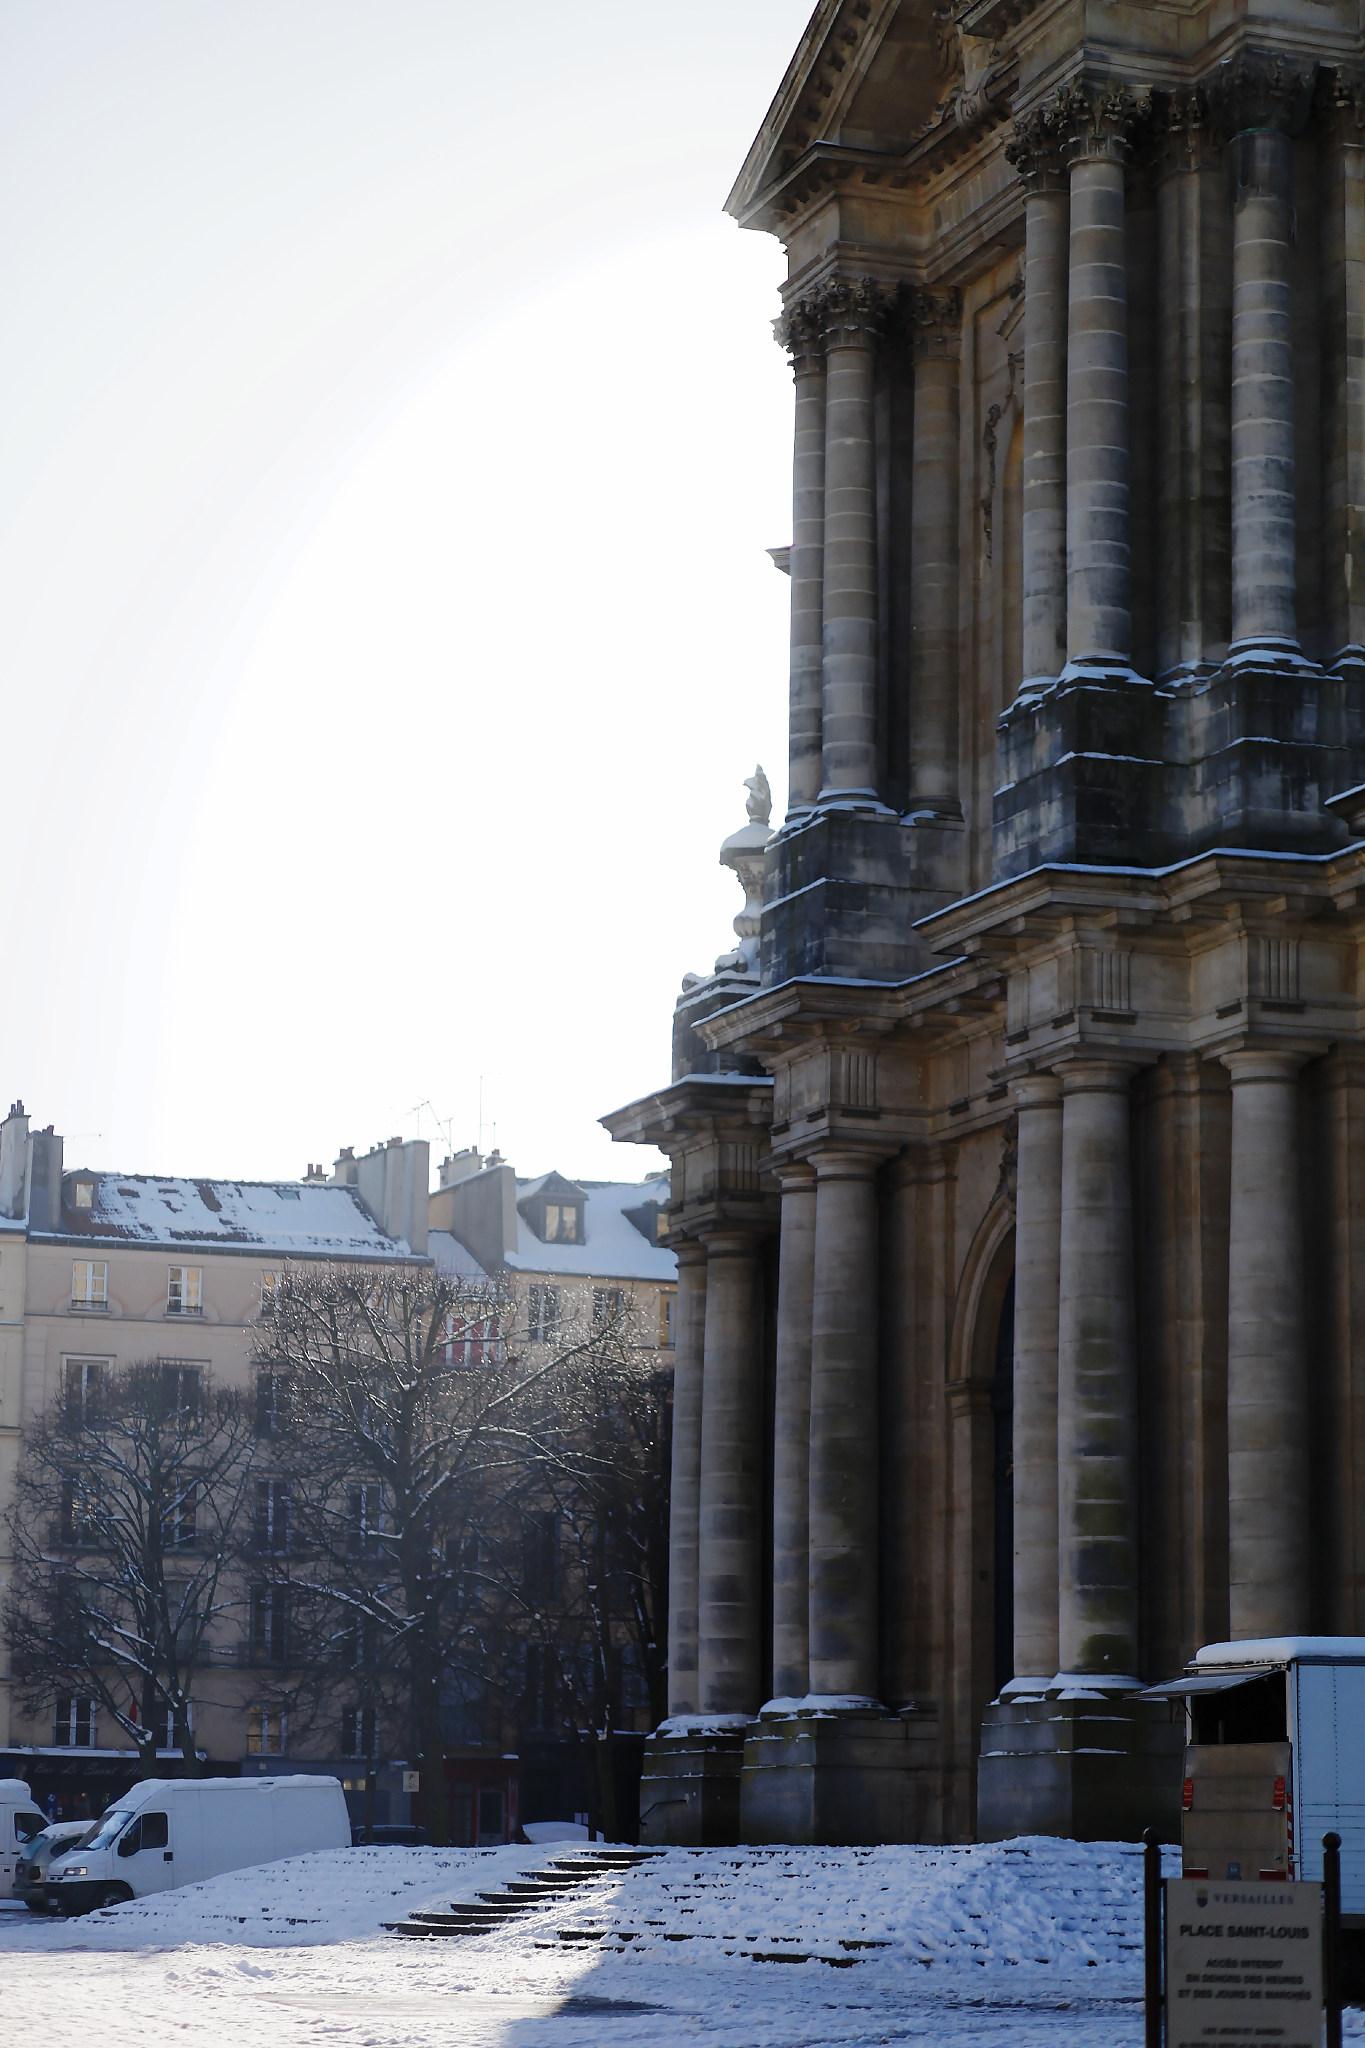 VERSAILLES SNOW LES INDISPENSABLES PARIS (8).jpg